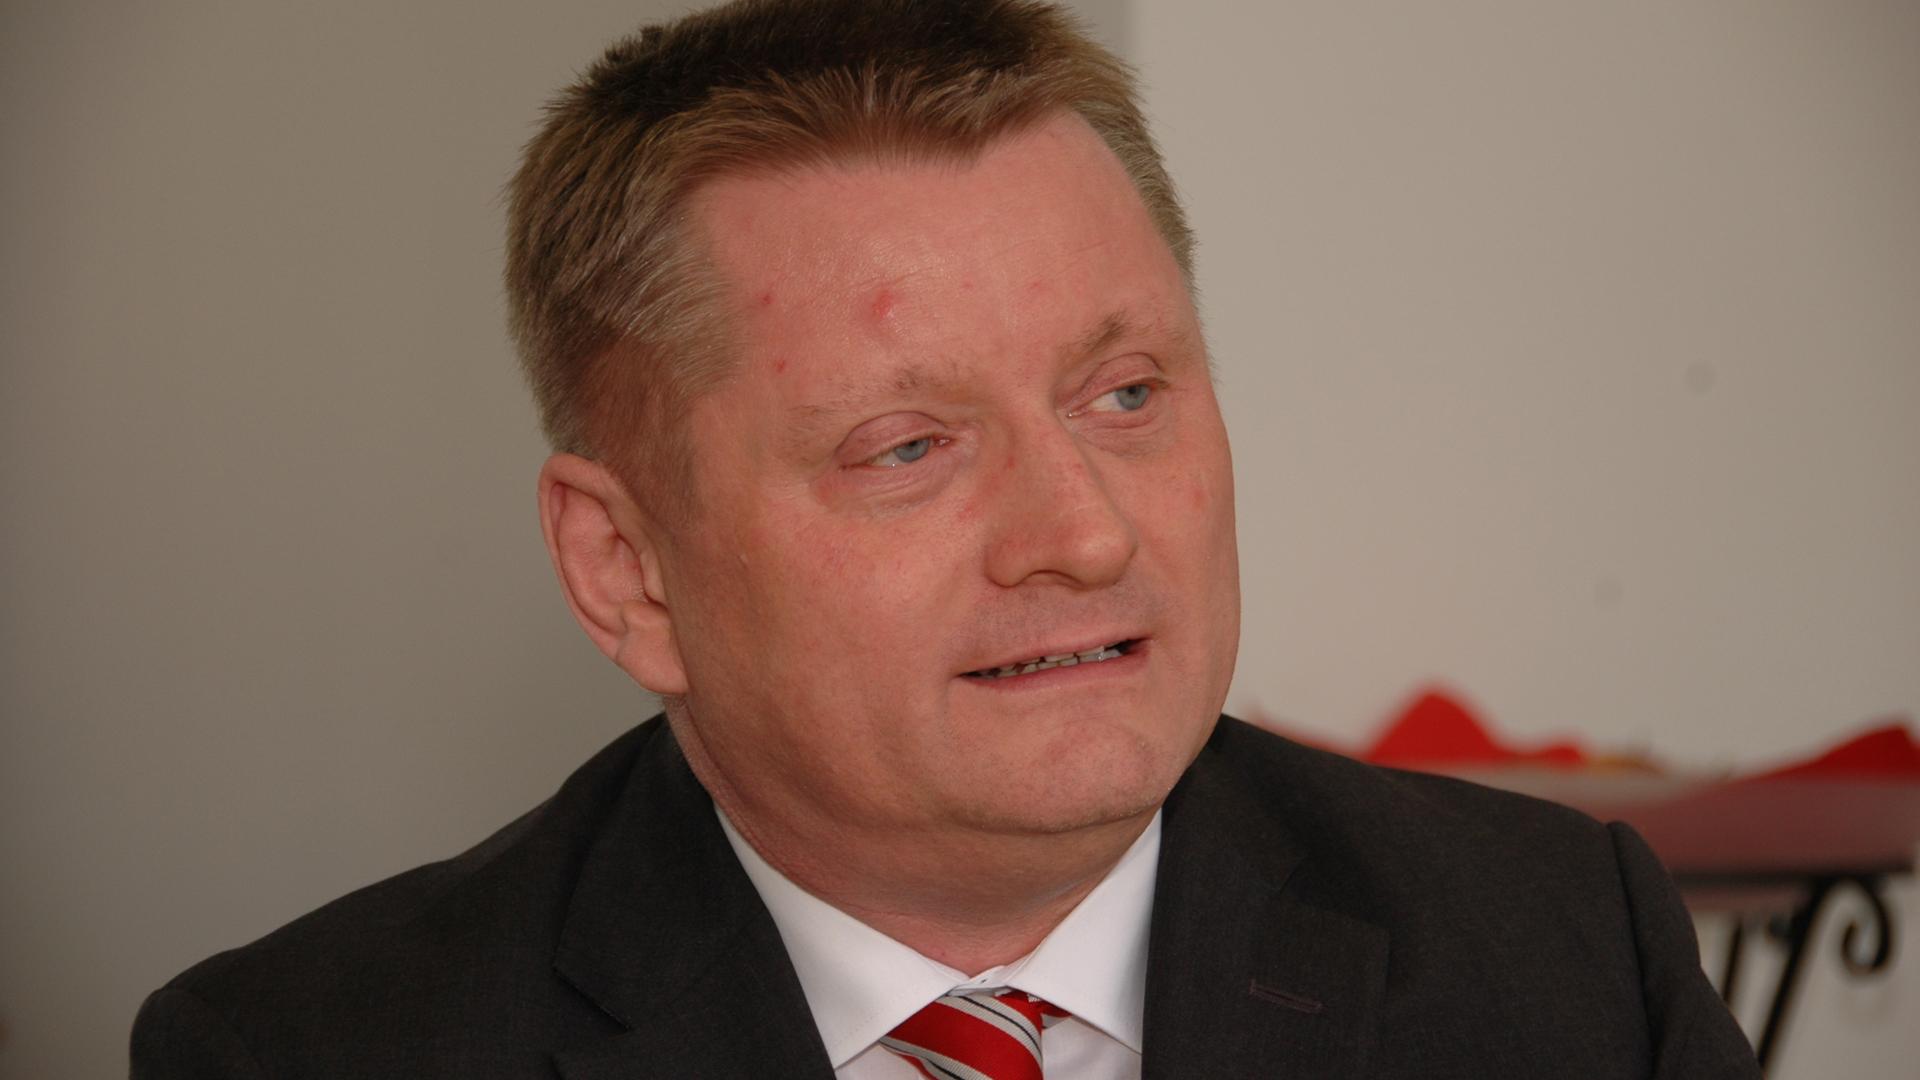 Hermann Gröhe fordert eine parlamentarische Entscheidung in der Frage der Suizidhilfe